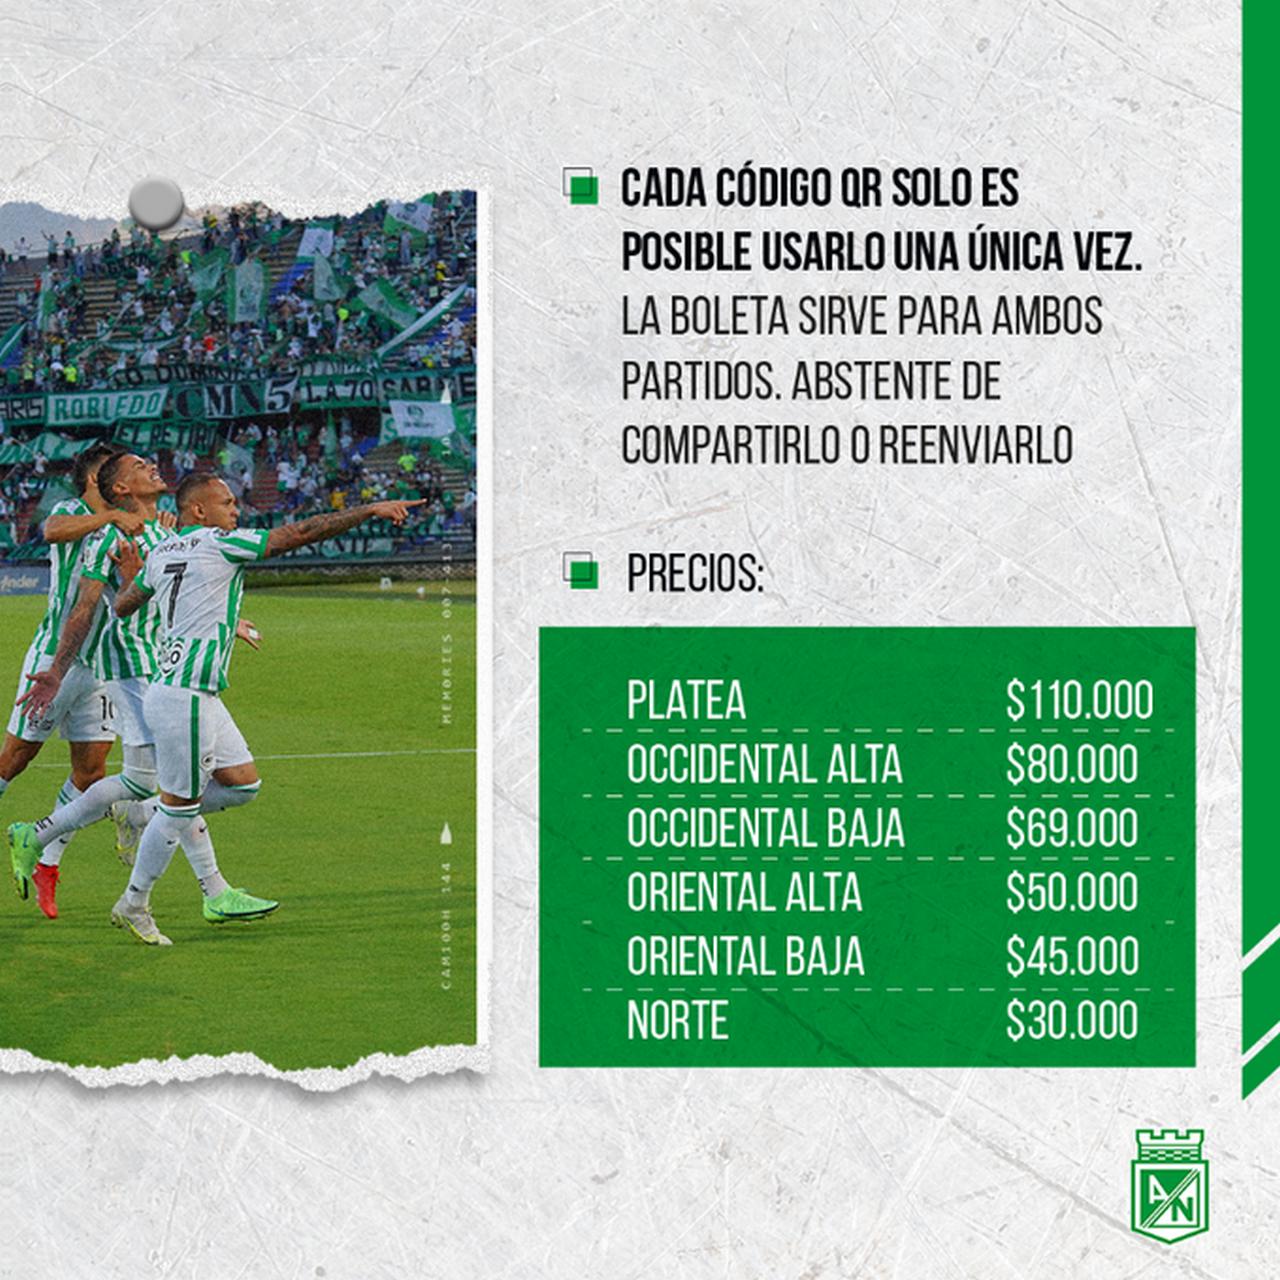 Hinchas de Nacional podran asistir al partido de la fecha 7 de la Liga ante Aguilas 4